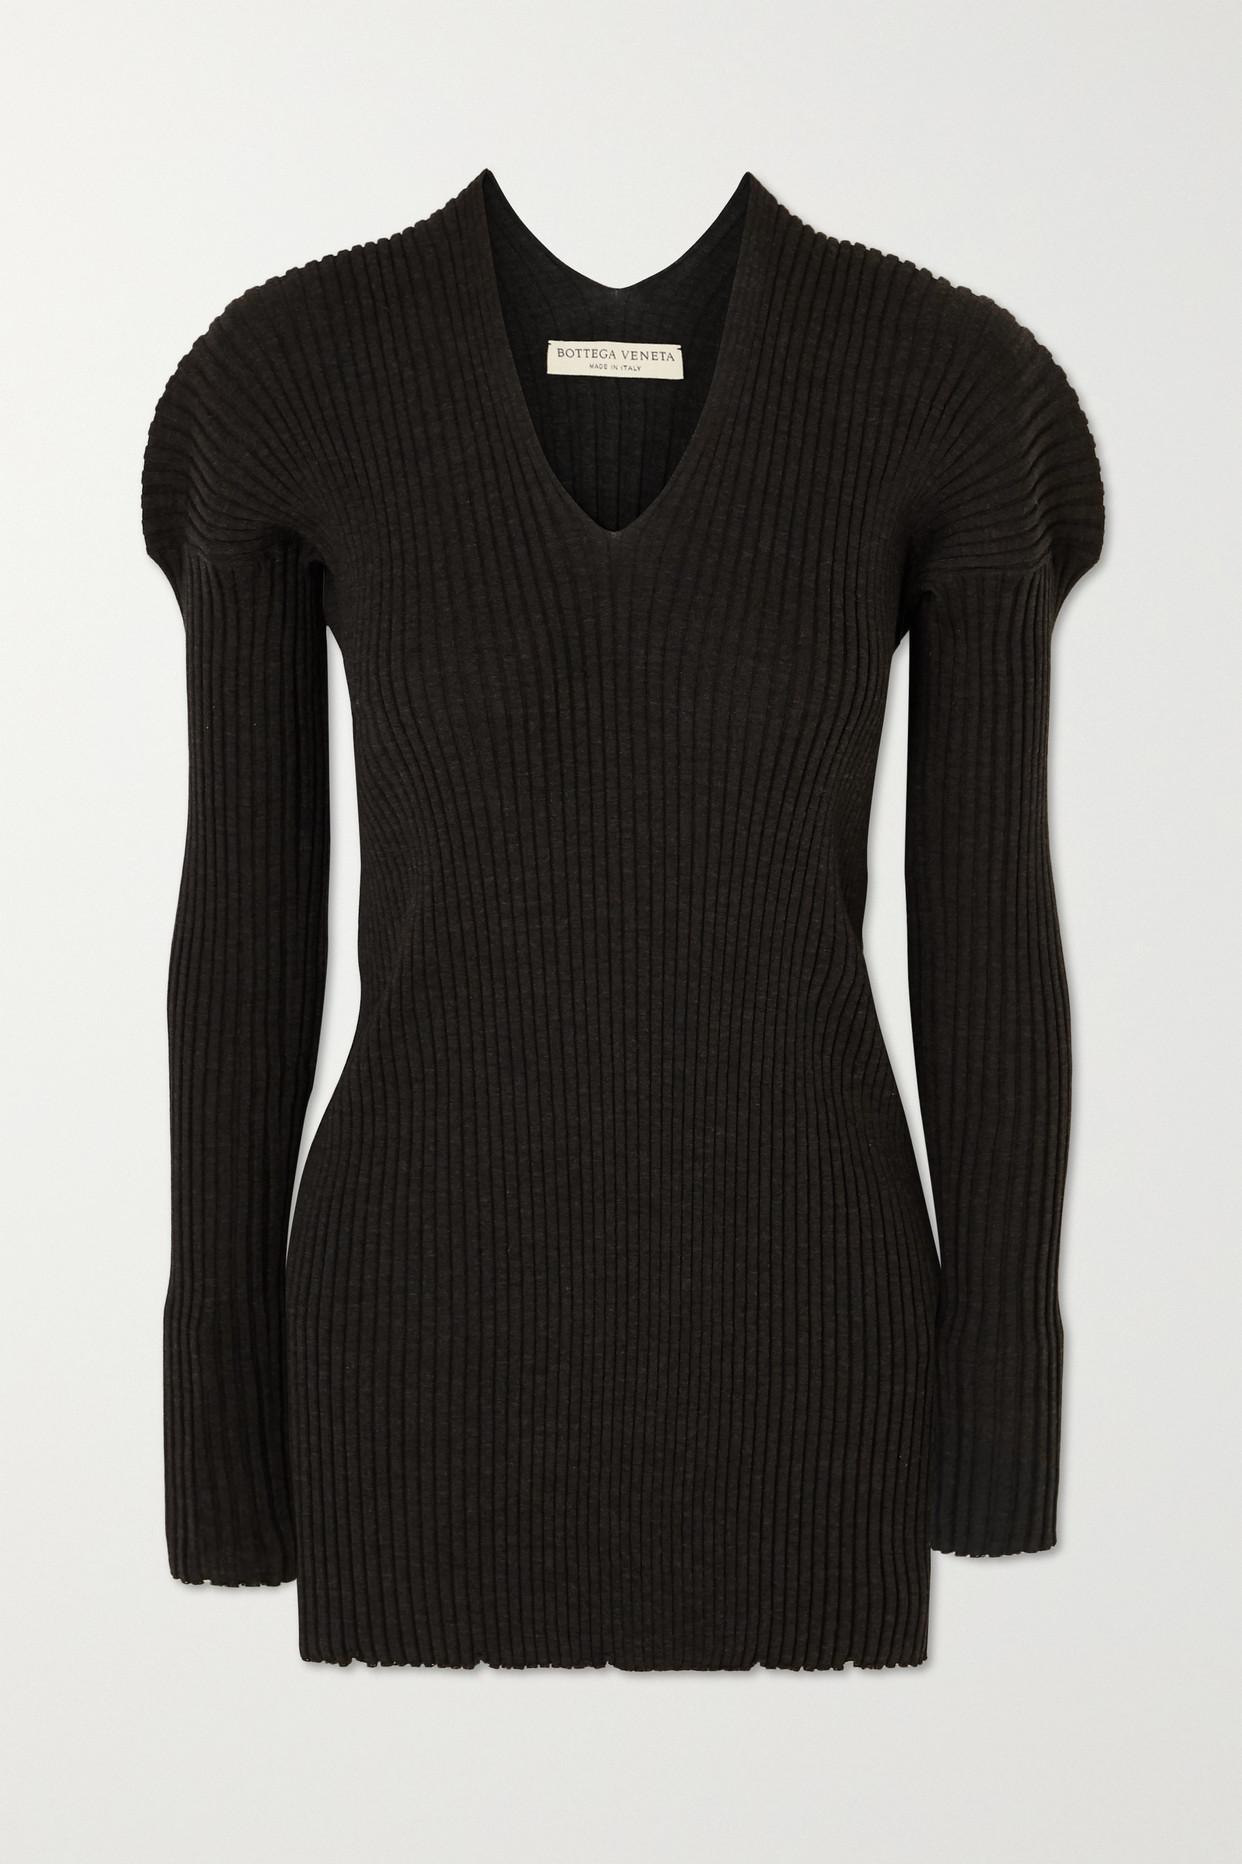 BOTTEGA VENETA - Ribbed Wool Sweater - Gray - IT40